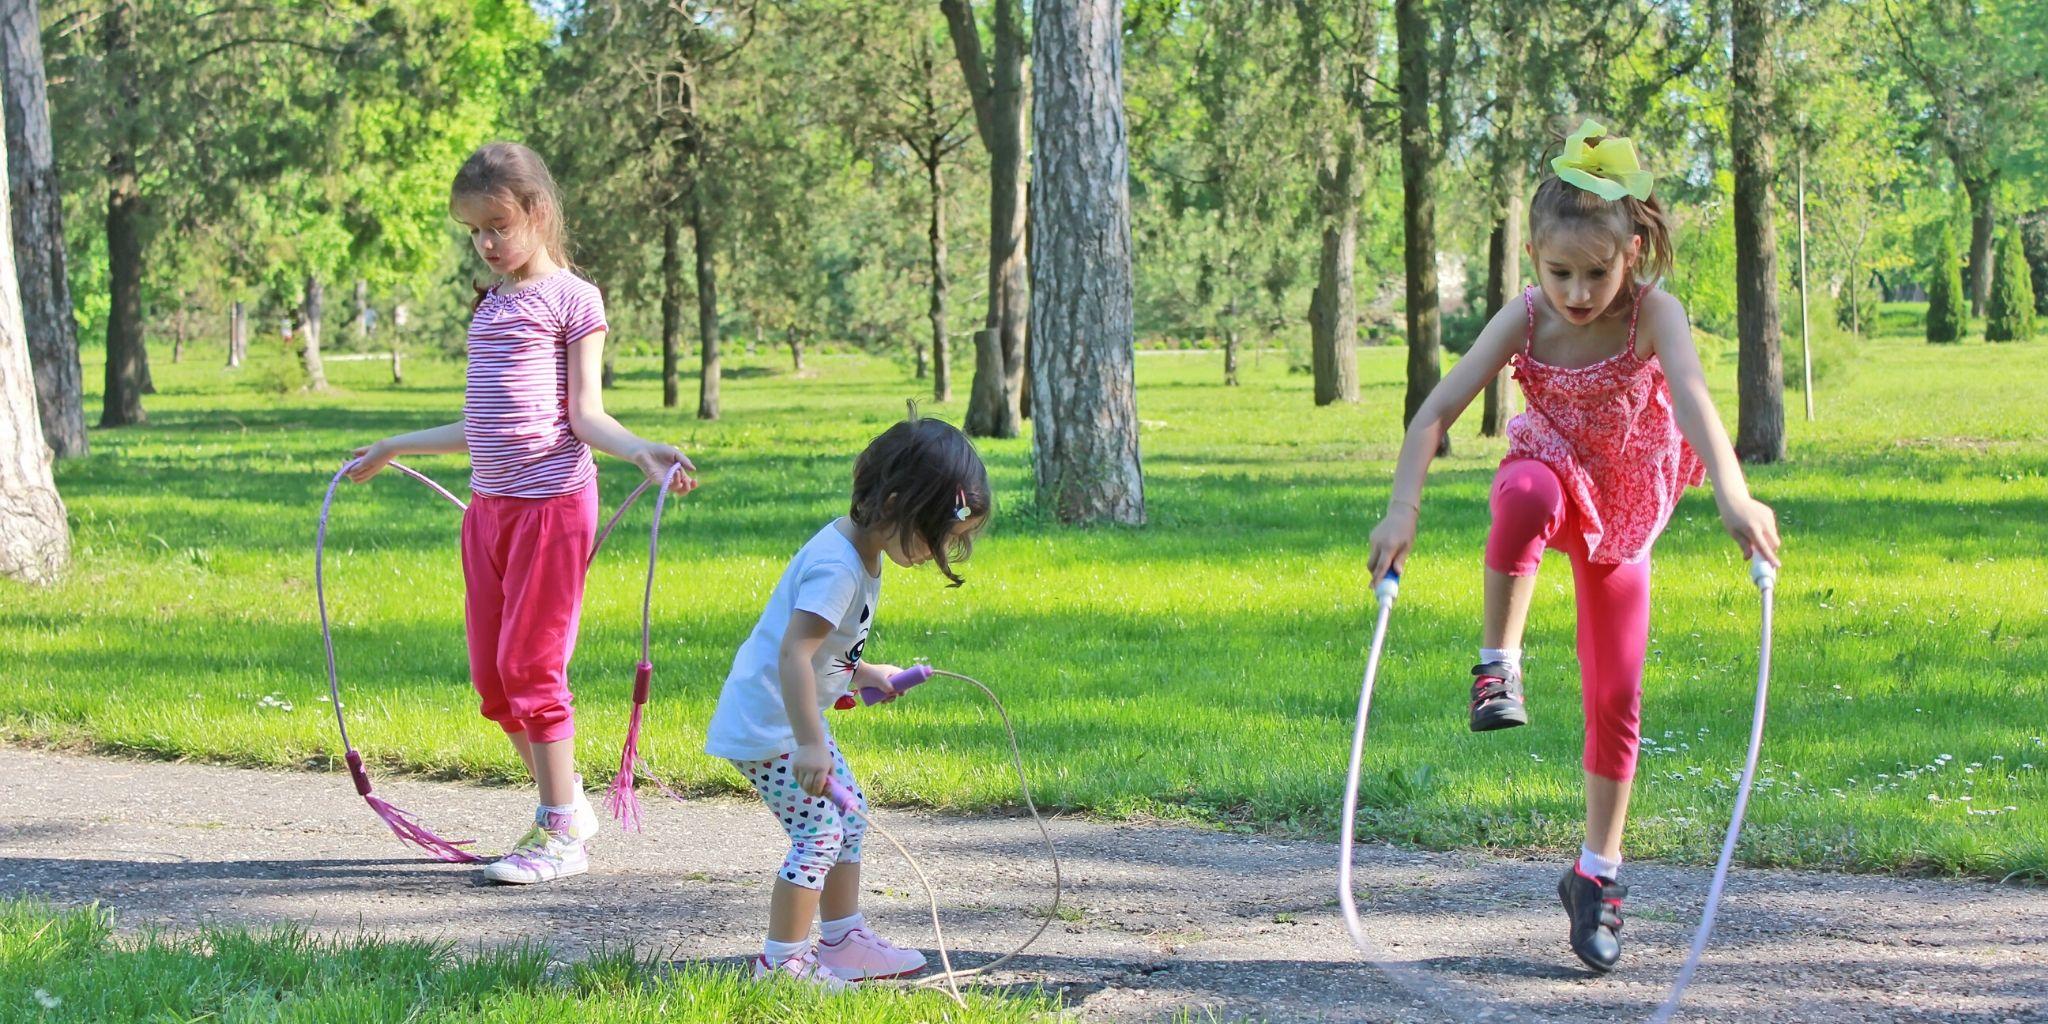 Divertente esercizio da fare con i bambini